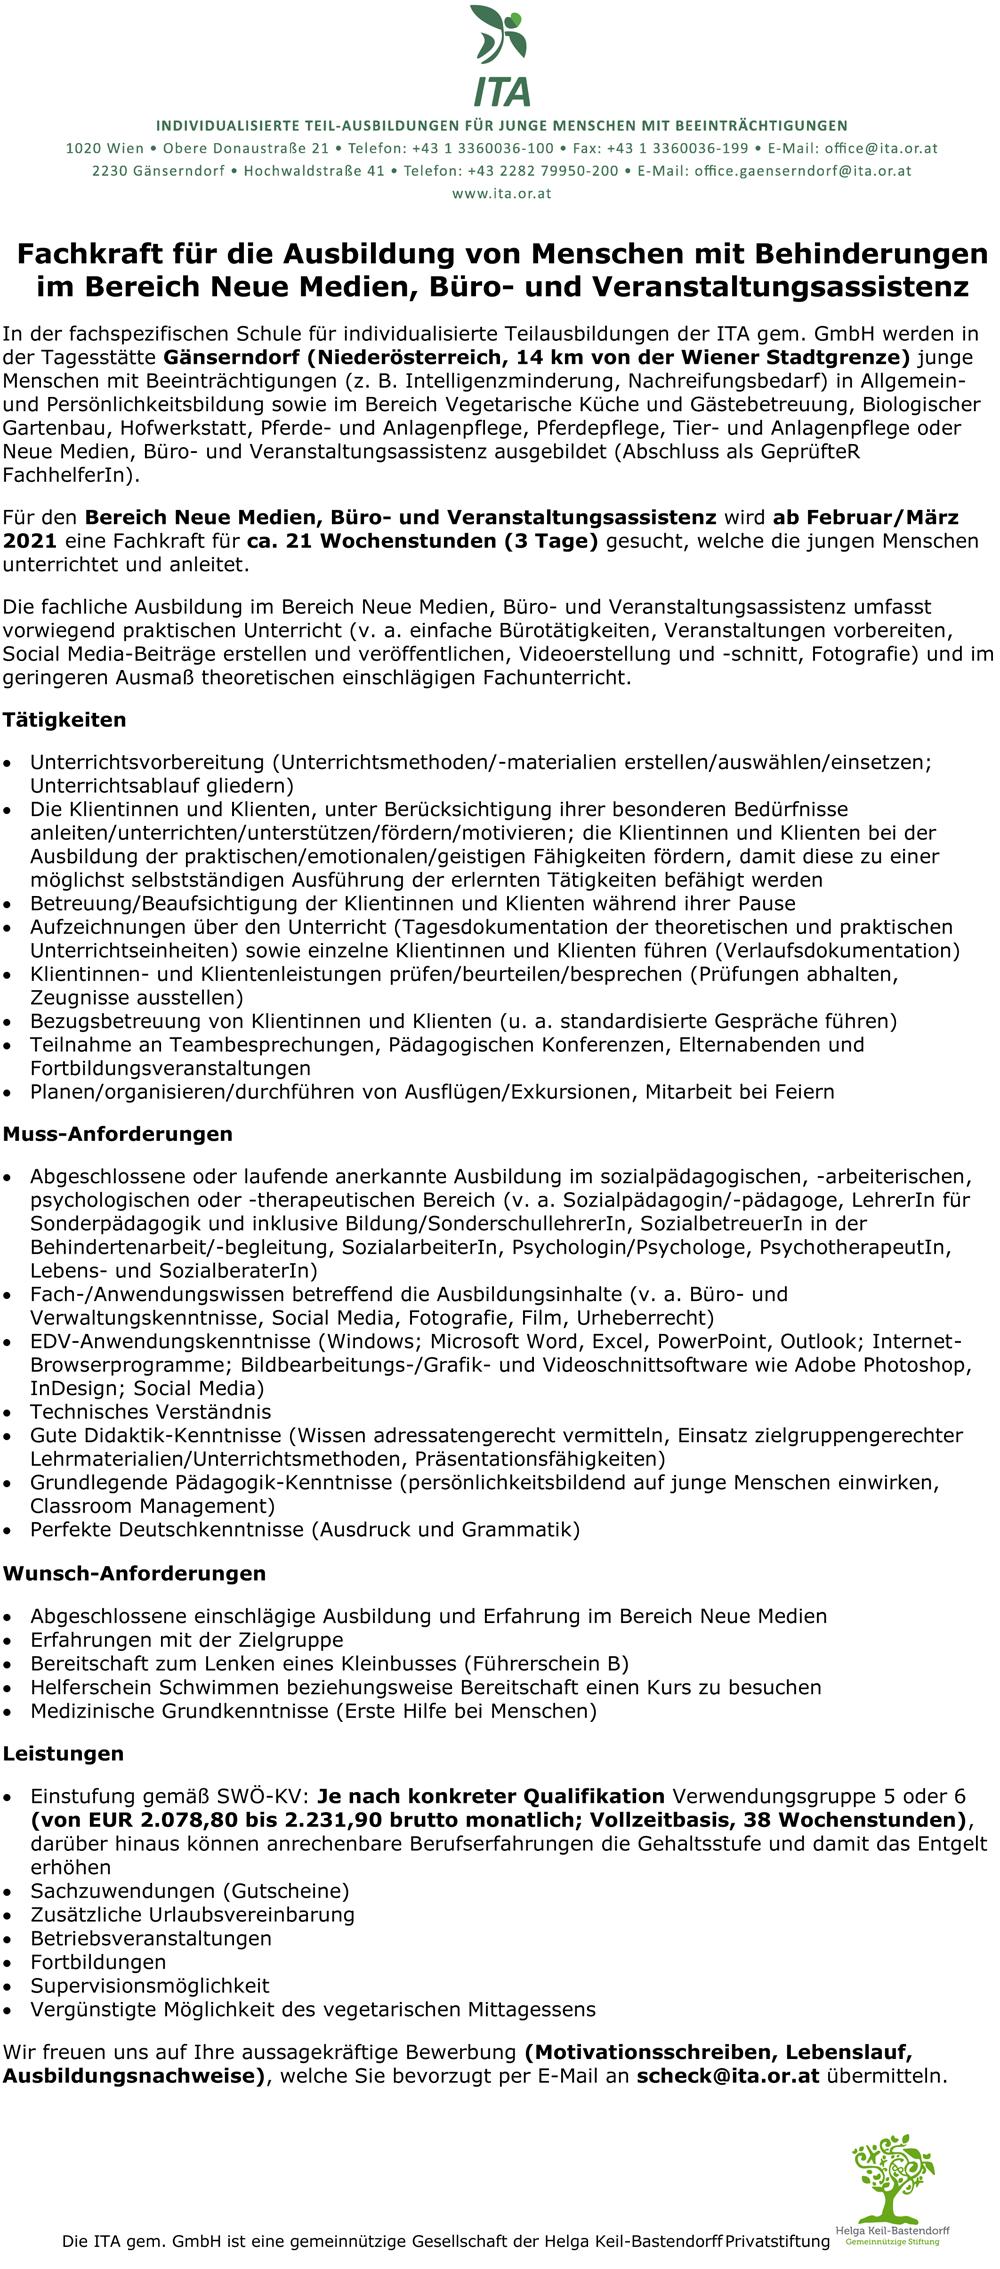 Fachkraft für die Ausbildung von Menschen mit Behinderungen im Bereich Neue Medien, Büro- und Veranstaltungsassistenz In der fachspezifischen Schule für individualisierte Teilausbildungen der ITA gern. GmbH werden in der Tagesstätte Gänserndorf (Niederösterreich, 14 km von der Wiener Stadtgrenze) junge Menschen mit Beeinträchtigungen (z. B. Intelligenzminderung, Nachreifungsbedarf) in Allgemeinund Persönlichkeitsbildung sowie im Bereich Vegetarische Küche und Gästebetreuung, Biologischer Gartenbau, Hofwerkstatt, Pferde- und Anlagenpflege, Pferdepflege, Tier- und Anlagenpflege oder Neue Medien, Büro- und Veranstaltungsassistenz ausgebildet (Abschluss als GeprüfteR Fachhelferln). Für den Bereich Neue Medien, Büro- und Veranstaltungsassistenz wird ab Februar/März 2021 eine Fachkraft für ca. 21 Wochenstunden (3 Tage) gesucht, welche die jungen Menschen unterrichtet und anleitet. Die fachliche Ausbildung im Bereich Neue Medien, Büro- und Veranstaltungsassistenz umfasst vorwiegend praktischen Unterricht (v. a. einfache Bürotätigkeiten, Veranstaltungen vorbereiten, Social Media-Beiträge erstellen und veröffentlichen, Videoerstellung und -schnitt, Fotografie) und im geringeren Ausmaß theoretischen einschlägigen Fachunterricht. Tätigkeiten • Unterrichtsvorbereitung (Unterrichtsmethoden/-materialien erstellen/auswählen/einsetzen; Unterrichtsablauf gliedern) • Die Klientinnen und Klienten, unter Berücksichtigung ihrer besonderen Bedürfnisse anleiten/unterrichten/unterstützen/fördern/motivieren; die Klientinnen und Klienten bei der Ausbildung der praktischen/emotionalen/geistigen Fähigkeiten fördern, damit diese zu einer möglichst selbstständigen Ausführung der erlernten Tätigkeiten befähigt werden • Betreuung/Beaufsichtigung der Klientinnen und Klienten während ihrer Pause • Aufzeichnungen über den Unterricht (Tagesdokumentation der theoretischen und praktischen Unterrichtseinheiten) sowie einzelne Klientinnen und Klienten führen (Verlaufsdokumentation) • Klientinnen- und Klie